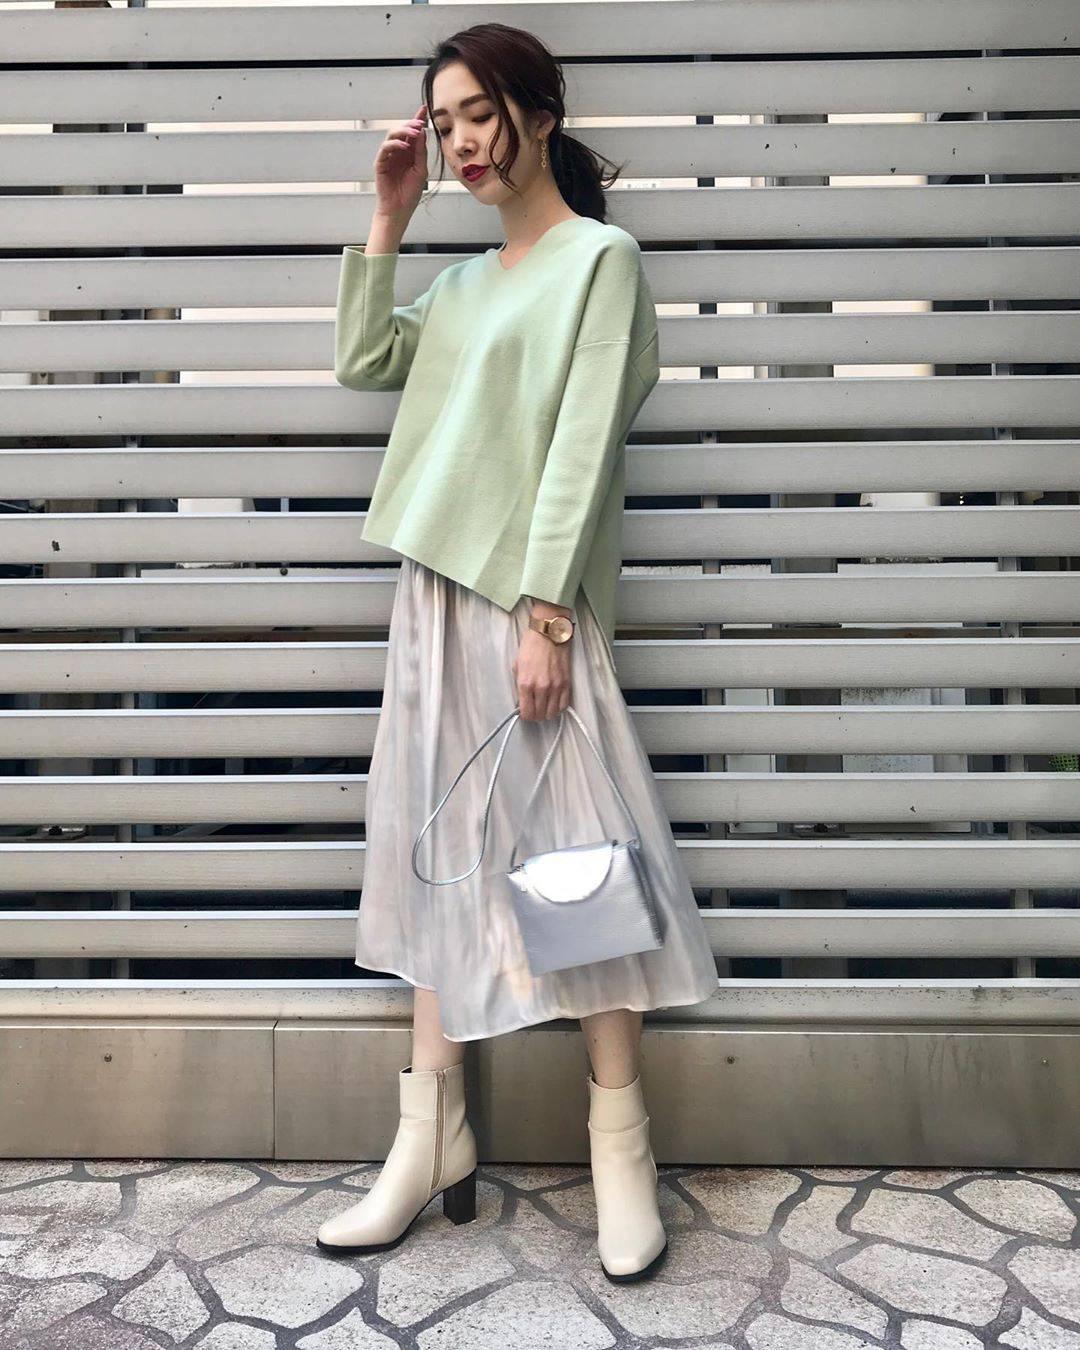 最高気温7度・最低気温1度 hikari_k0122の服装